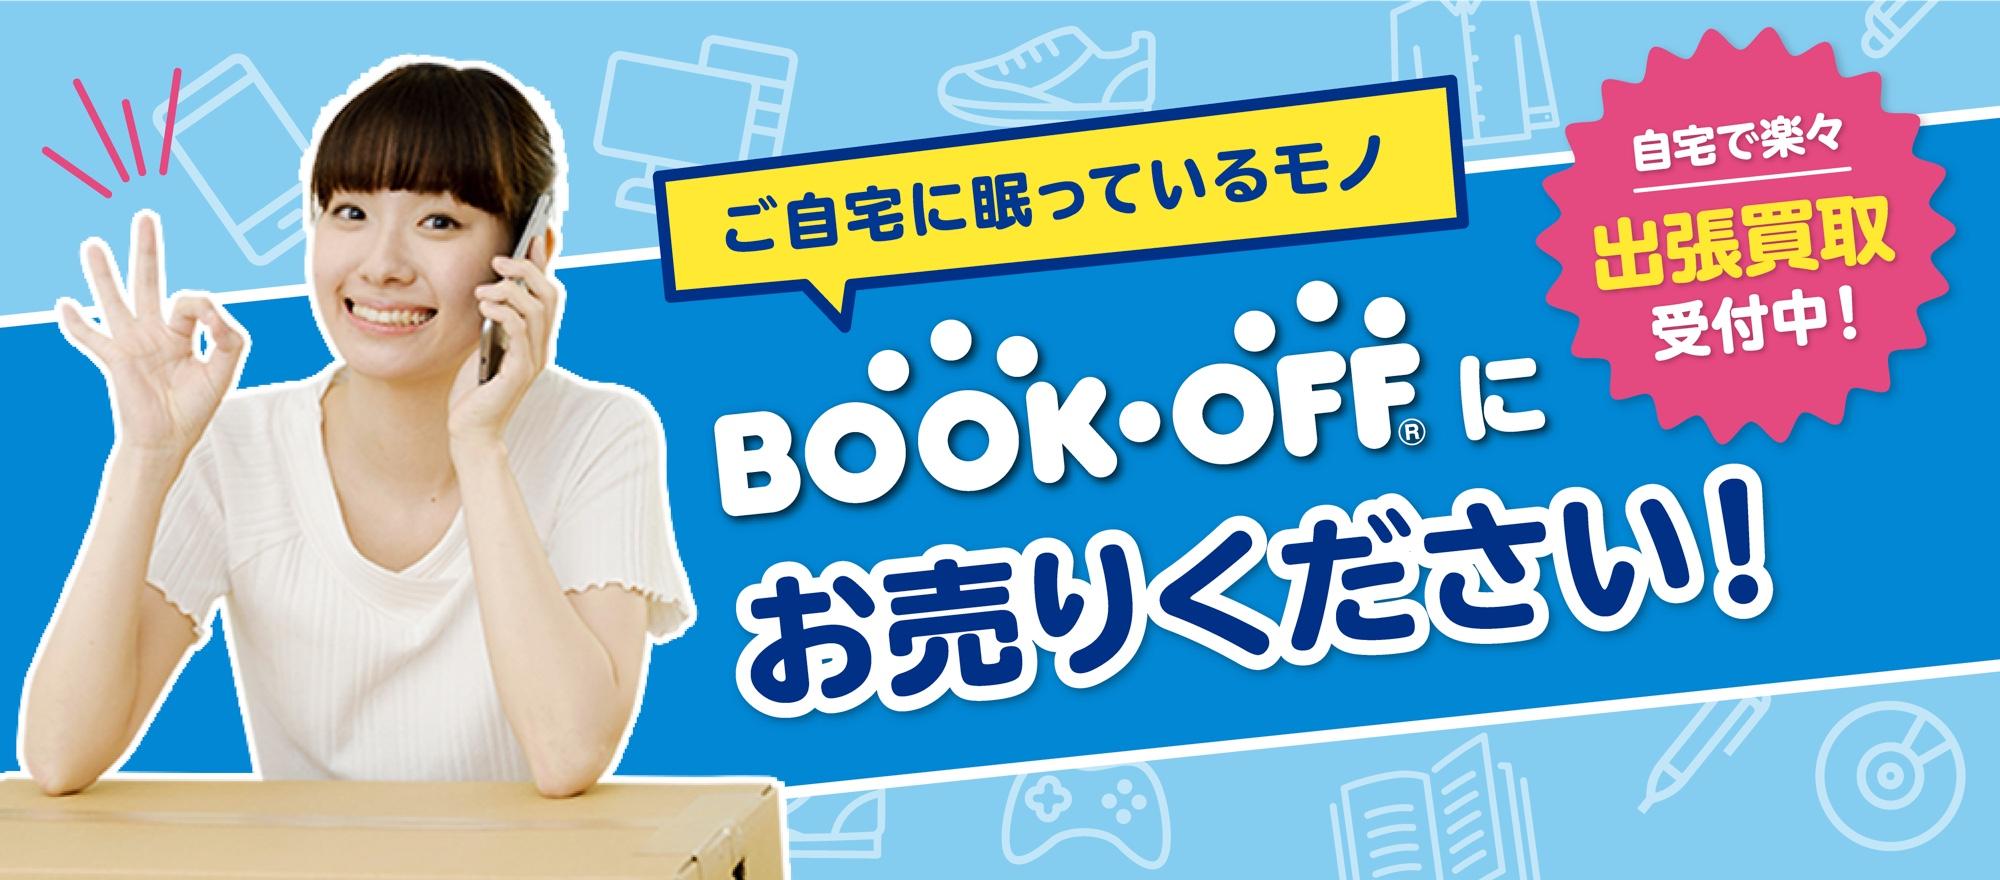 BOOK-OFFにお売りください!